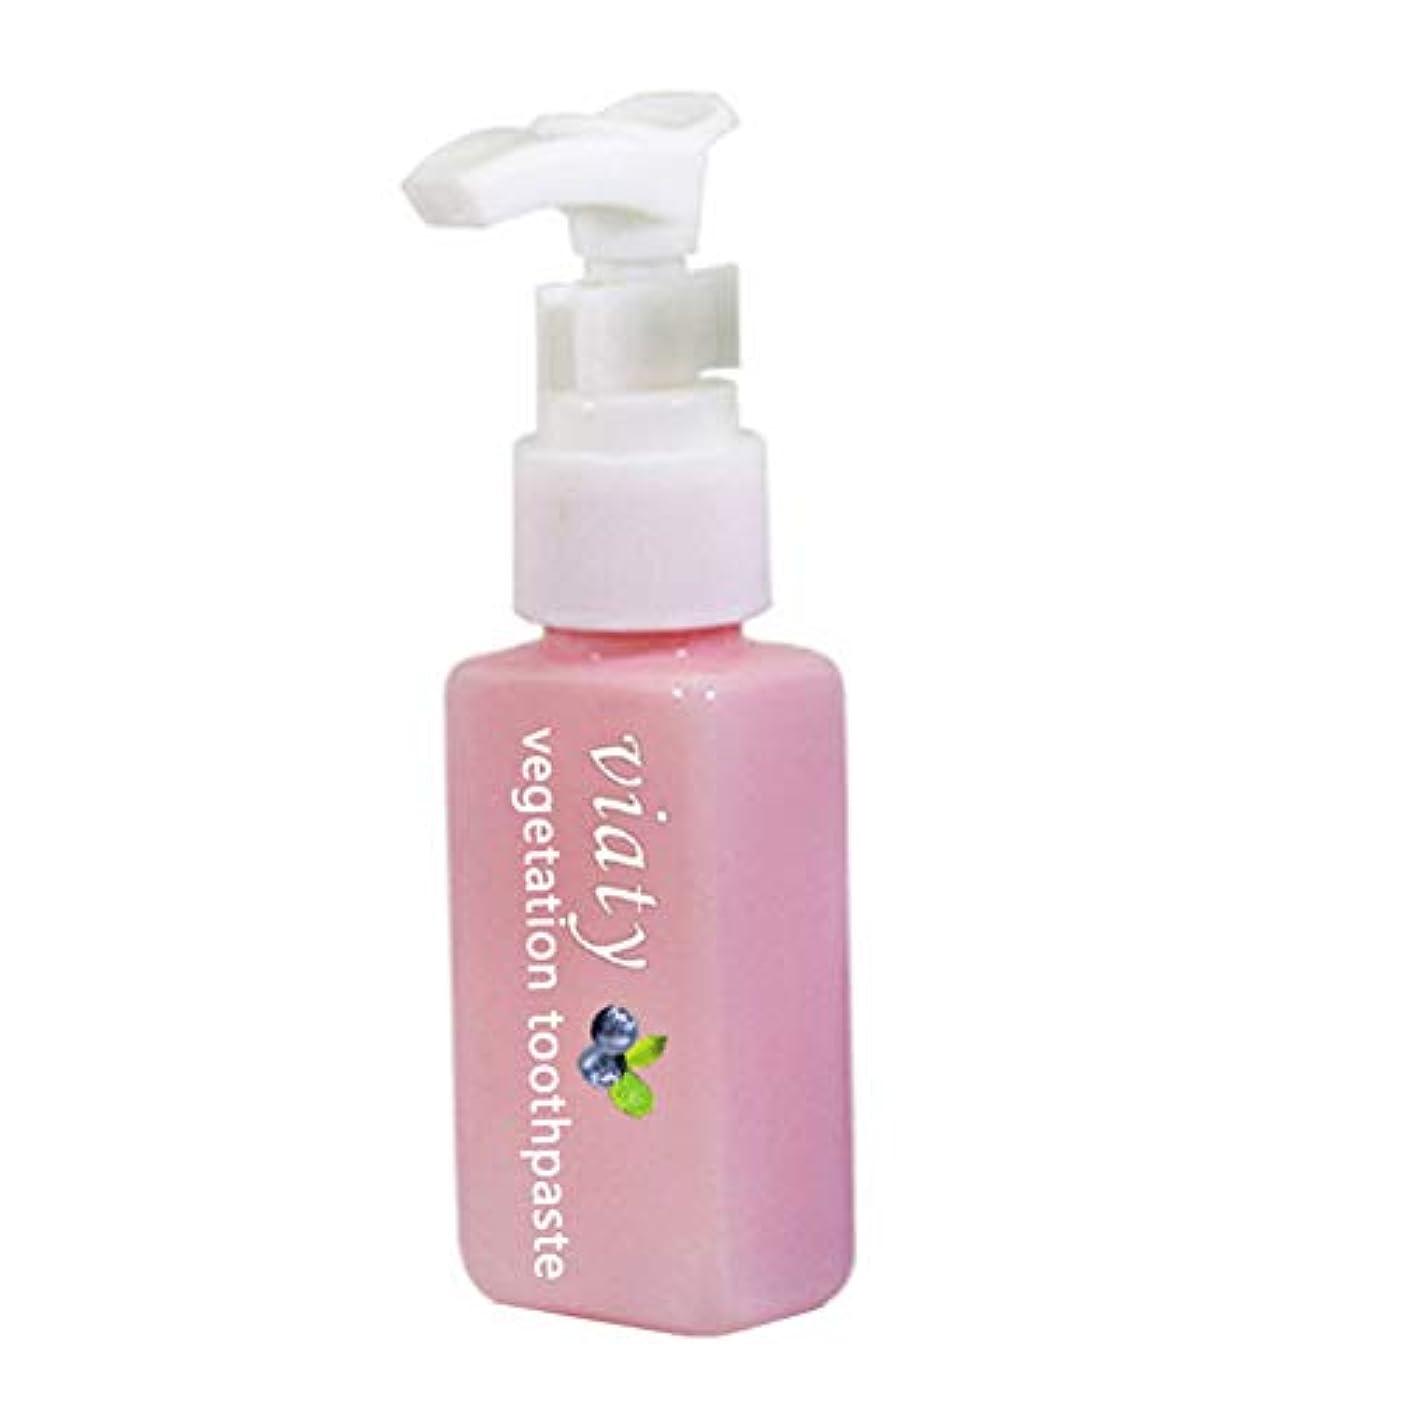 メタリック宿命アブストラクトProfeel歯磨き粉アンチブリードガムプレスタイプ新鮮な歯磨き粉を白くする汚れ除去剤